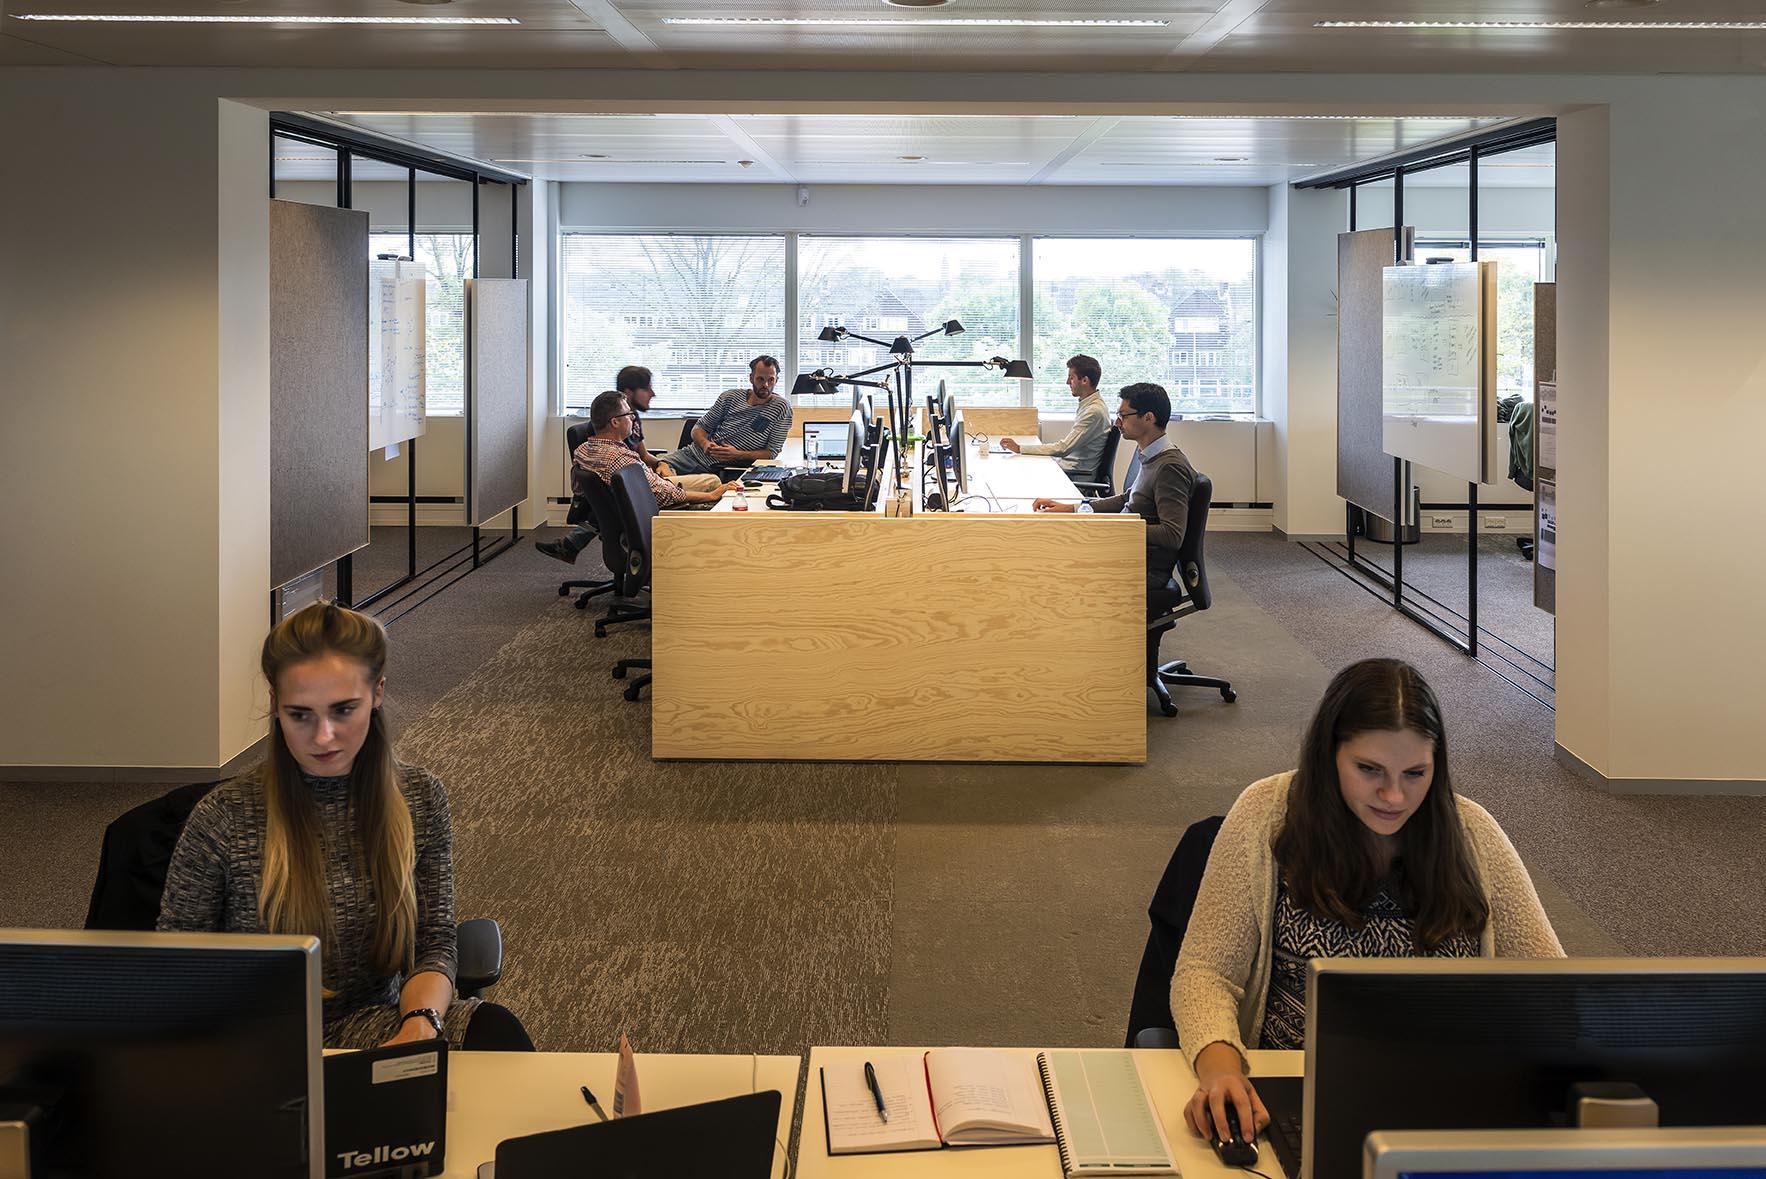 <p>Workbenches_Fotografie Christiaan de Bruijne</p>